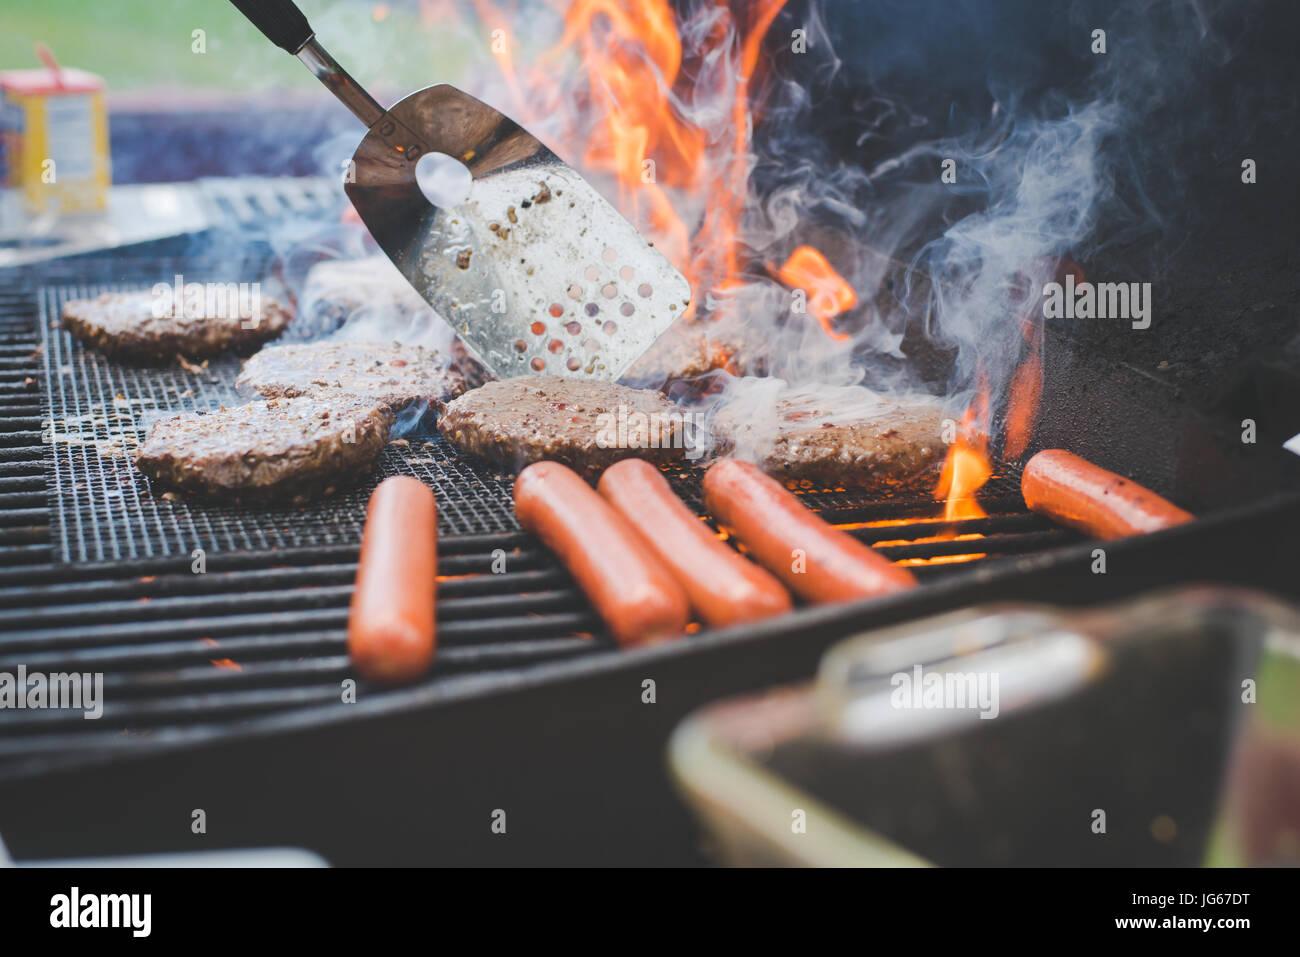 Cocineros de comida a la parrilla en verano Imagen De Stock